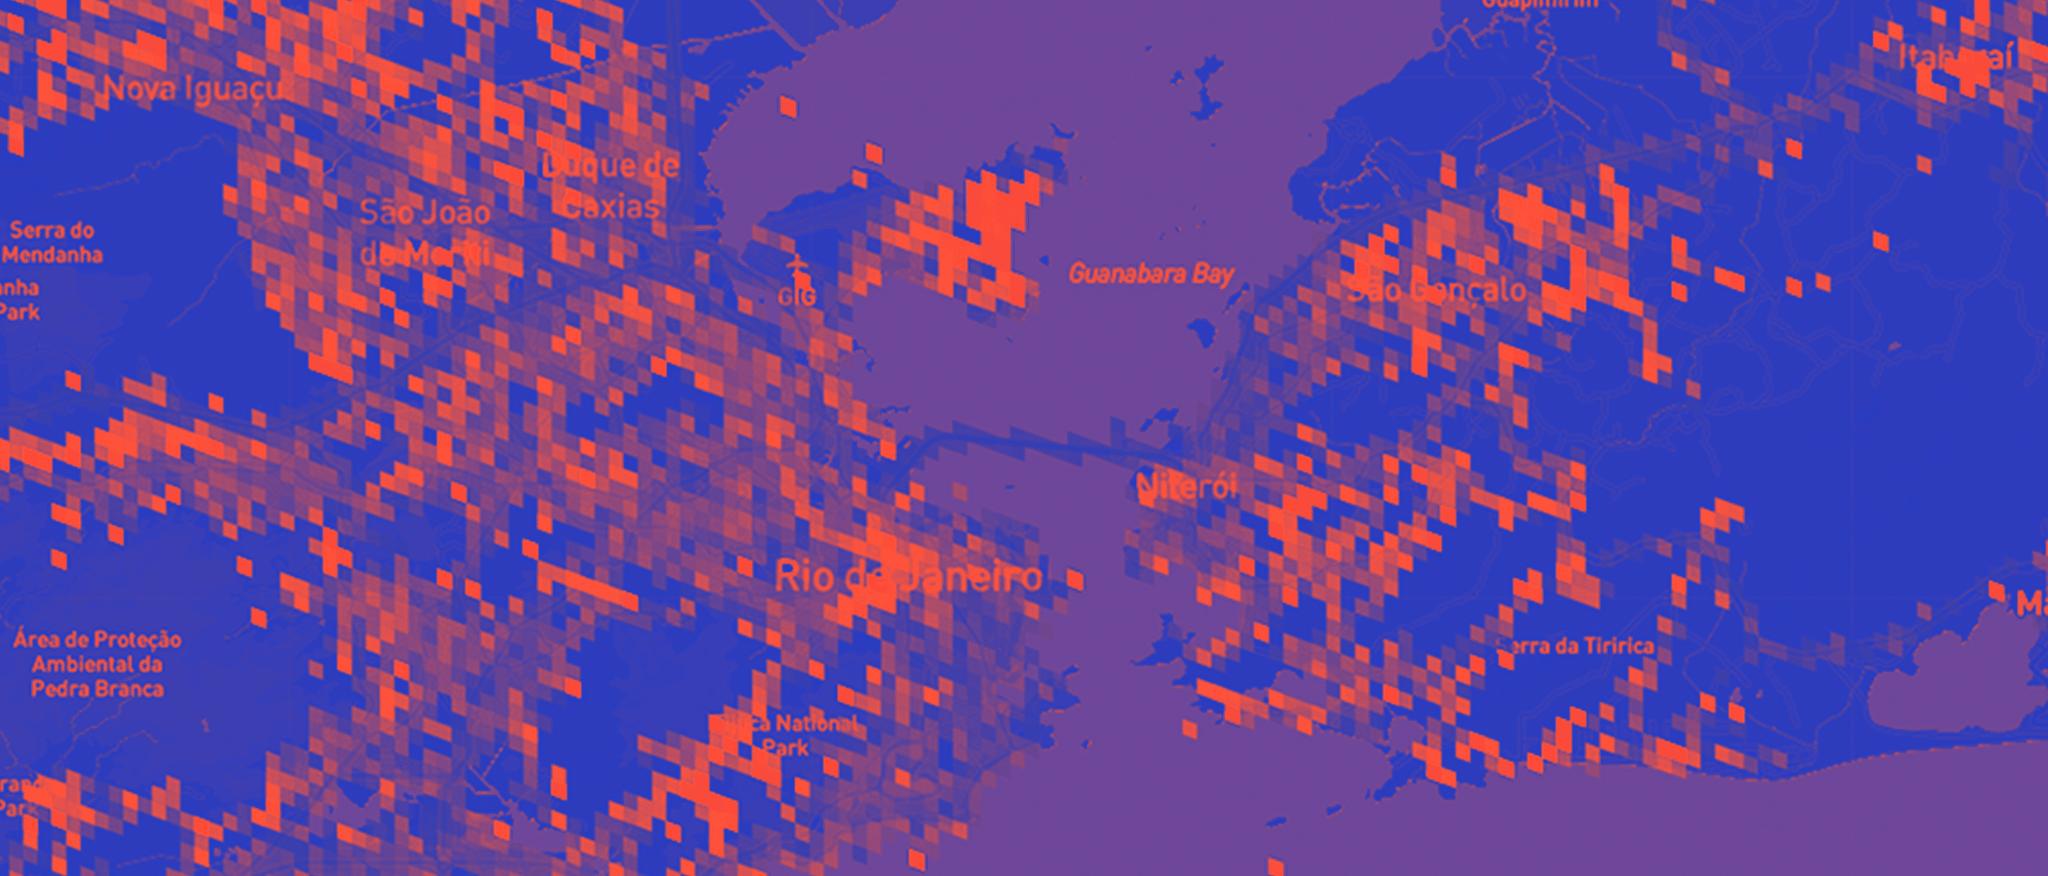 Segurança nas estradas: como representar grandes volumes de dados em mapas?